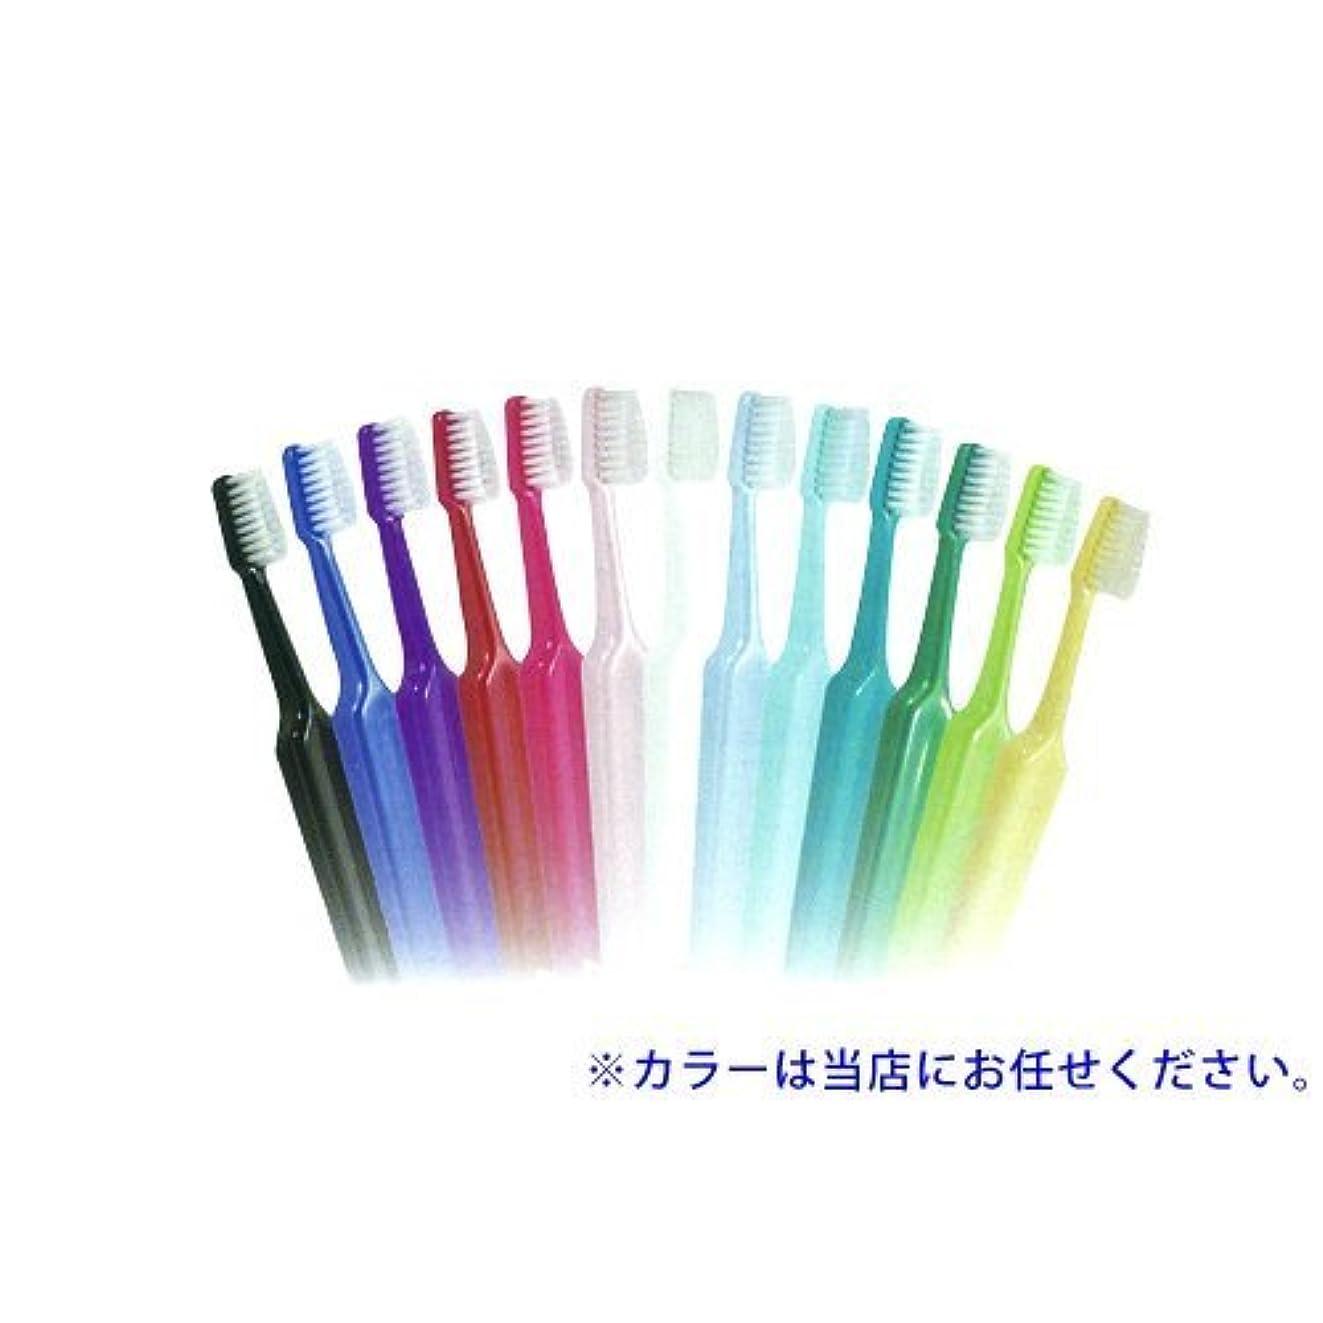 好きパテ反発するTepe歯ブラシ セレクトミニ/エクストラソフト 25本/箱